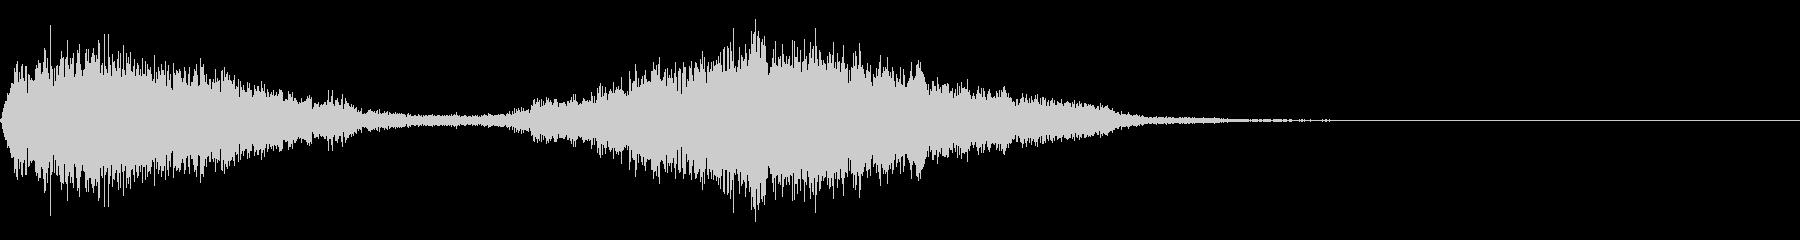 シューッという音EC07_90_4 2の未再生の波形